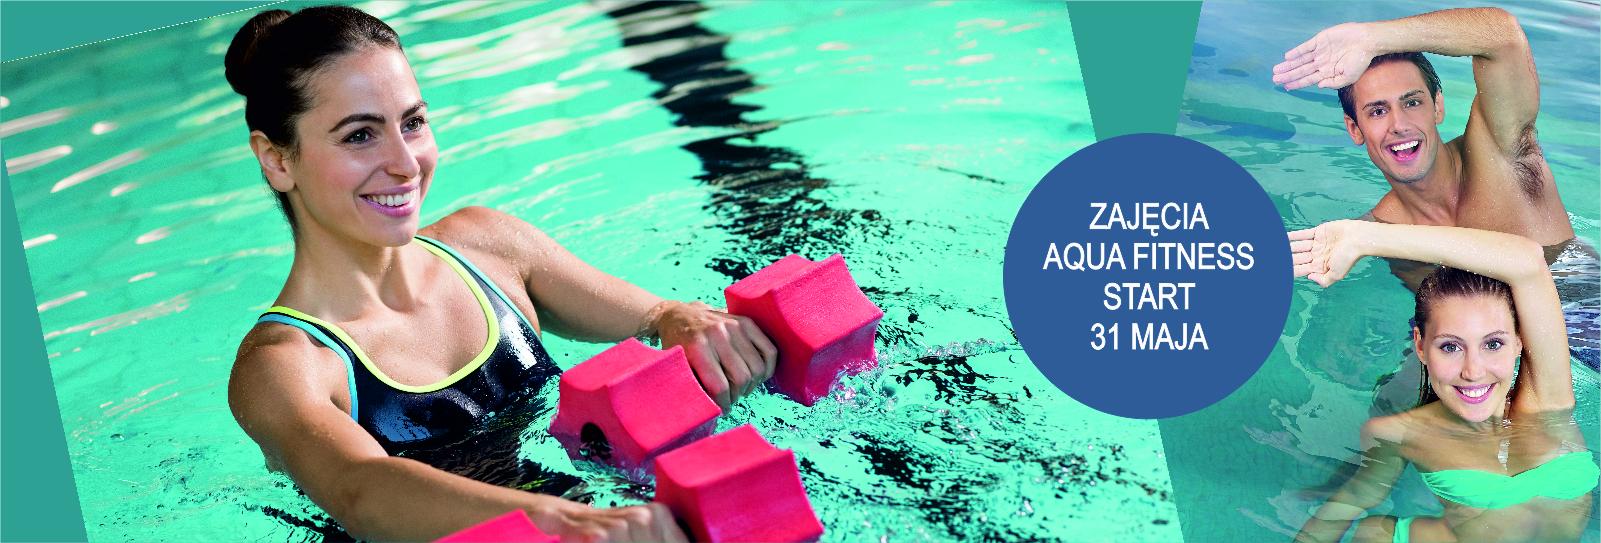 Baner: Fitness w wodzie maj 21